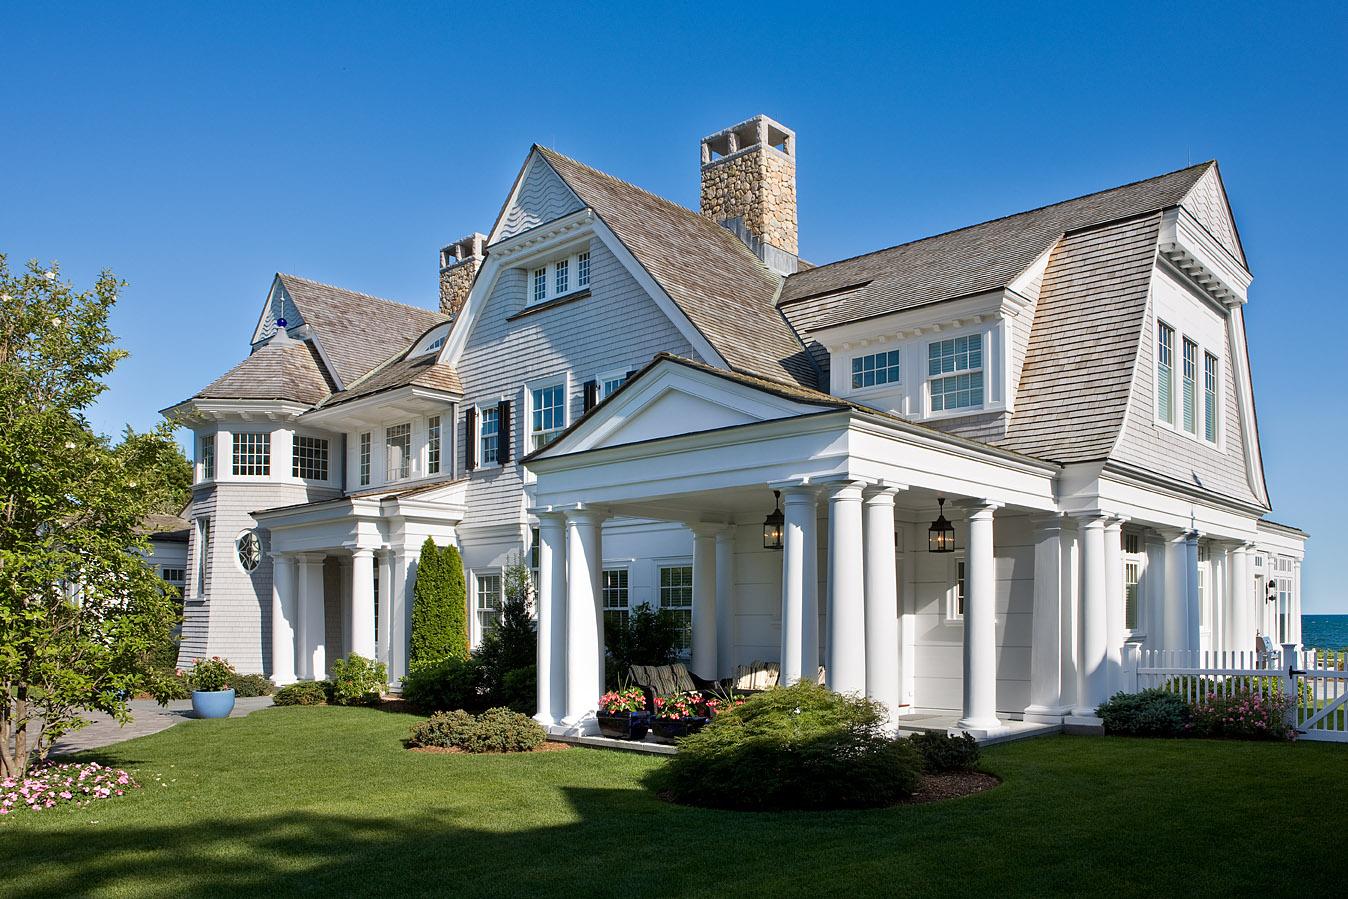 SEE THIS HOUSE A 925 MILLION BEACH